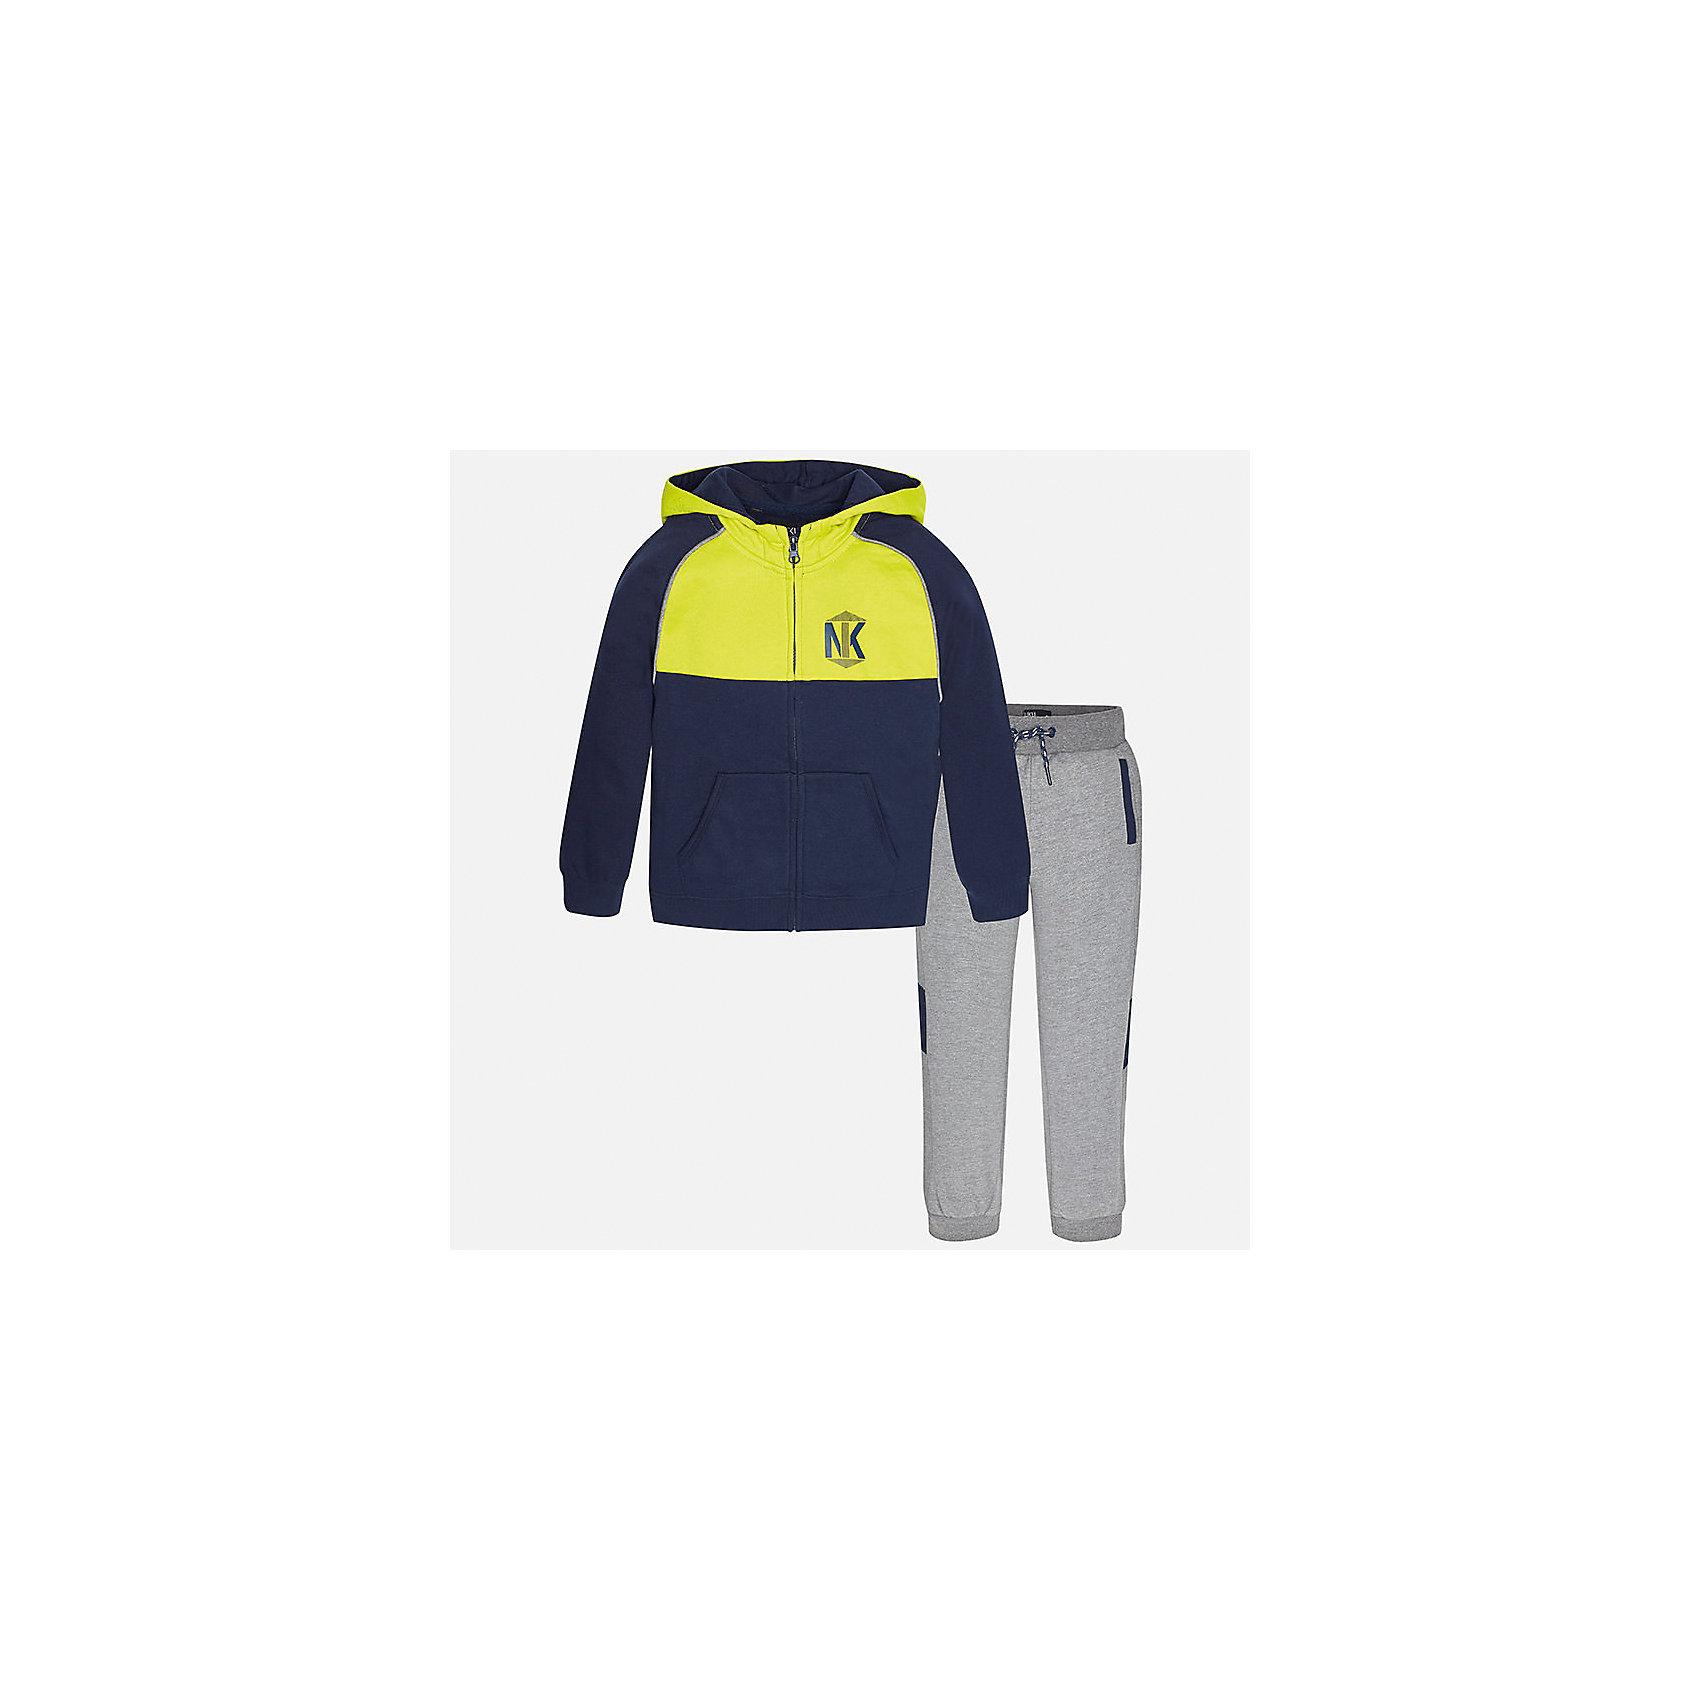 Спортивный костюм для мальчика MayoralСпортивная форма<br>Характеристики товара:<br><br>• цвет: серый<br>• комплектация: курточка и брюки<br>• состав ткани курточки: 60% хлопок, 40% полиэстер<br>• состав ткани брюк: 60% хлопок, 40% полиэстер<br>• длинные рукава<br>• застежка: молния<br>• пояс: резинка и шнурок<br>• особенности модели: спортивный стиль<br>• сезон: демисезон<br>• страна бренда: Испания<br>• страна изготовитель: Индия<br><br>Удобный спортивный костюм из трикотажа - отличный вариант одежды для отдыха и занятий спортом. Курточка из спортивного комплекта дополнена капюшоном и карманами. Удобный детский спортивный костюм от известного бренда Майорал выглядит аккуратно и стильно. <br><br>Спортивный костюм для мальчика Mayoral (Майорал) можно купить в нашем интернет-магазине.<br><br>Ширина мм: 247<br>Глубина мм: 16<br>Высота мм: 140<br>Вес г: 225<br>Цвет: серый<br>Возраст от месяцев: 168<br>Возраст до месяцев: 180<br>Пол: Мужской<br>Возраст: Детский<br>Размер: 170,128/134,140,152,158,164<br>SKU: 6939020